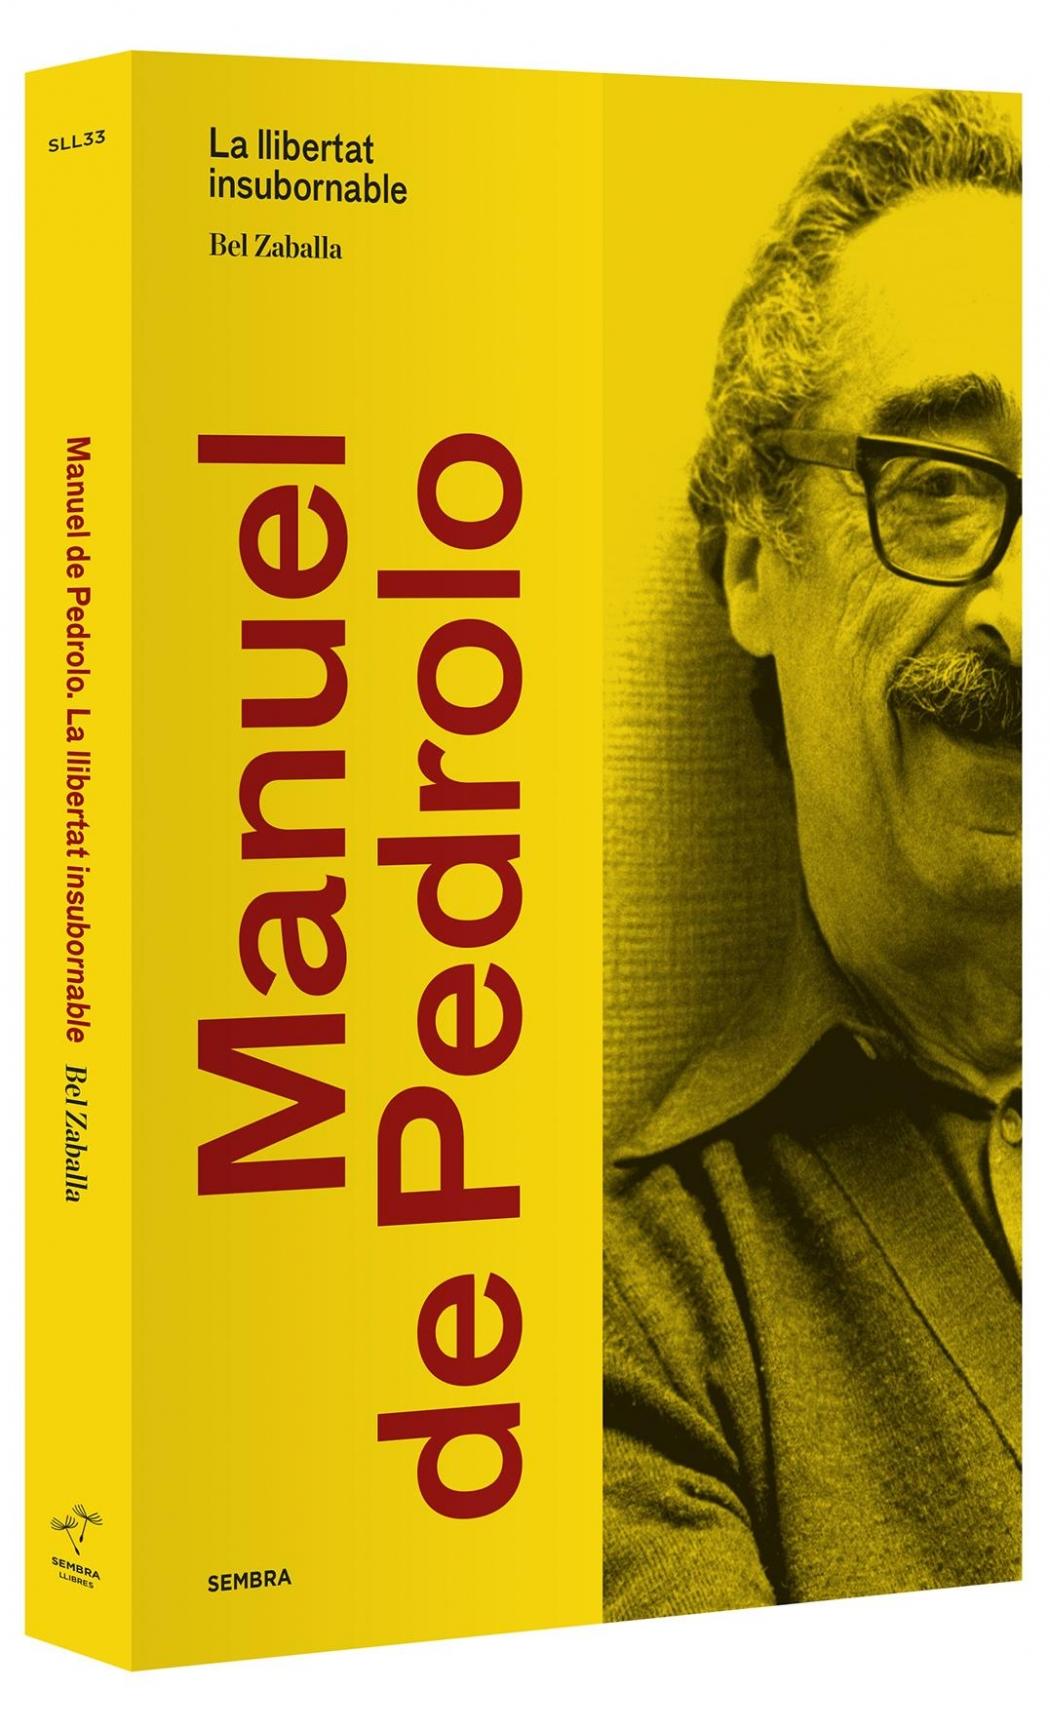 Celebrem l'Any Pedrolo amb la biografia que reivindica la vigència de l'obra i el pensament d'un autor insubornable.